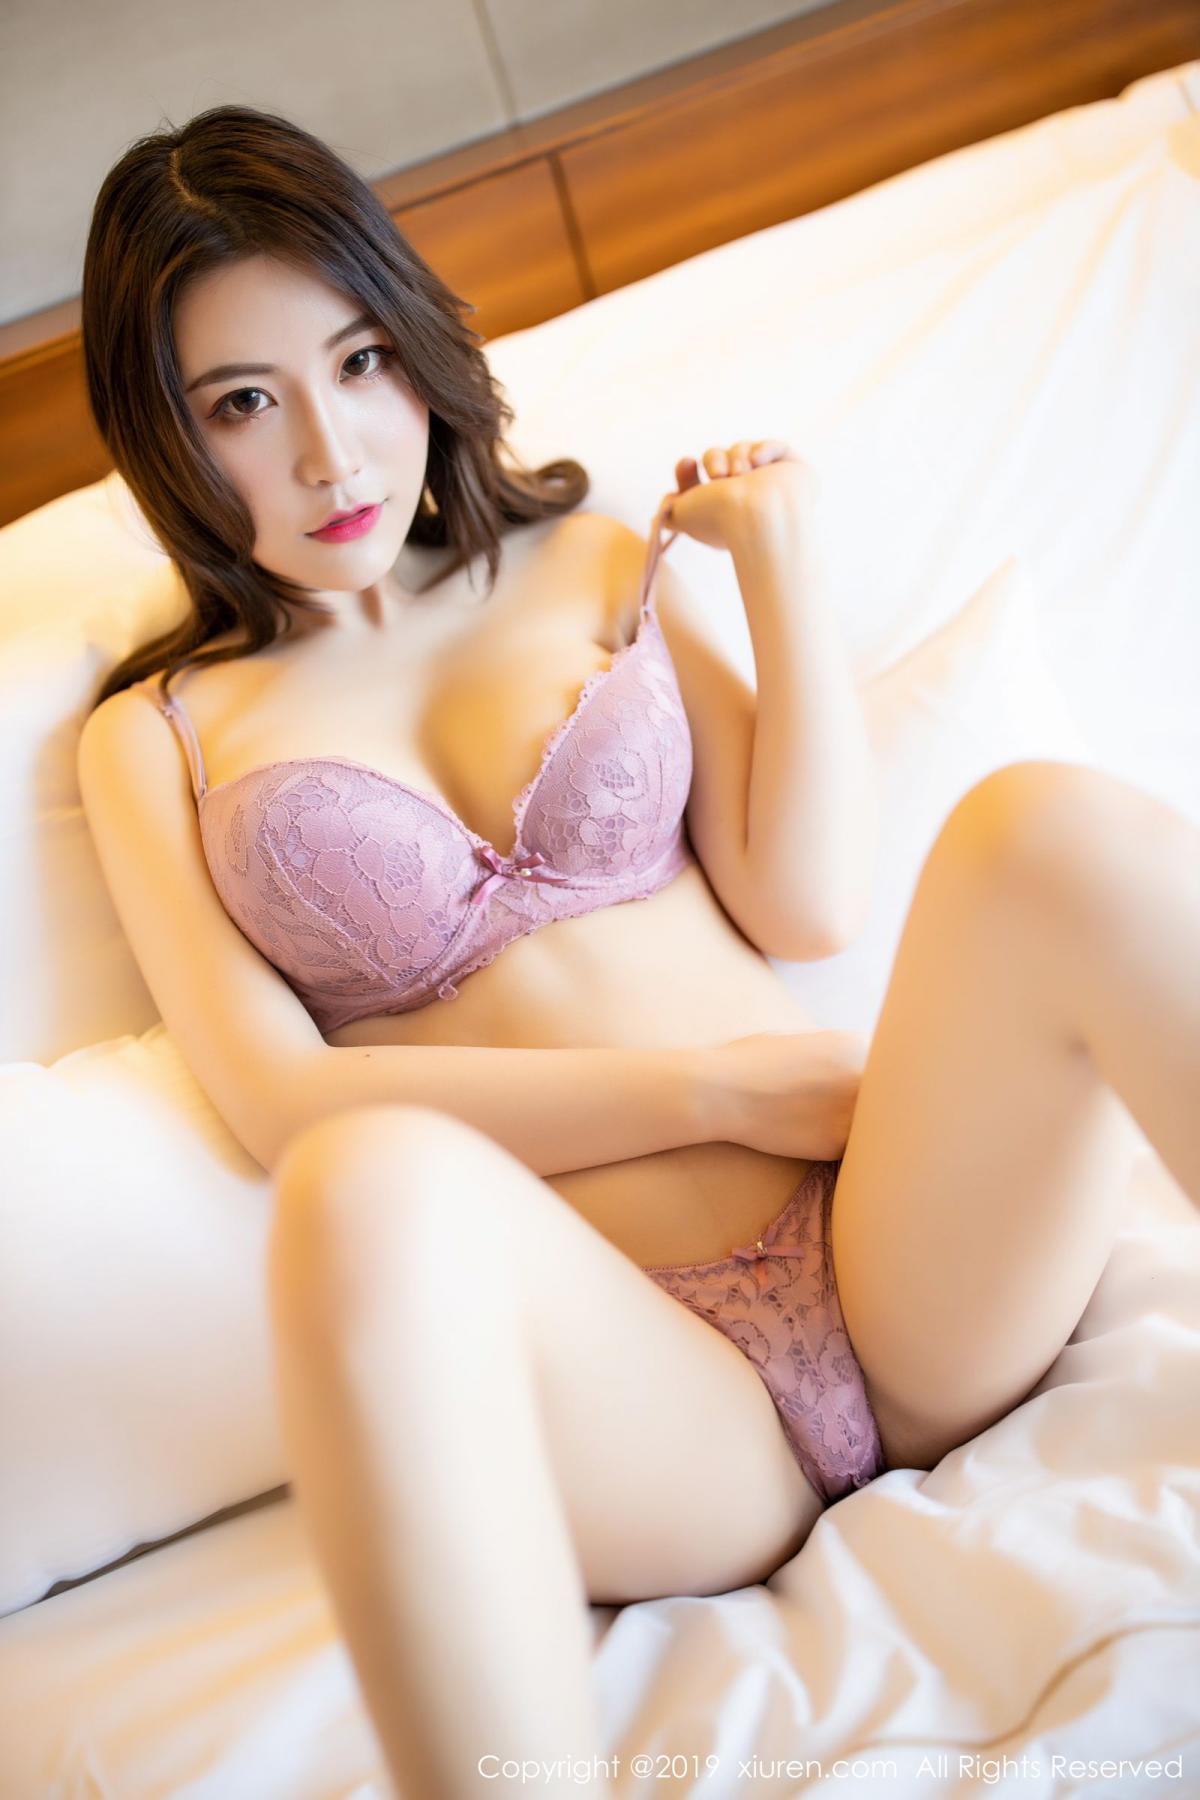 [XiaoYu] Vol.1697 Xie Zhi Xin 65P, Home, Sexy, XiaoYu, Xie Zhi Xin